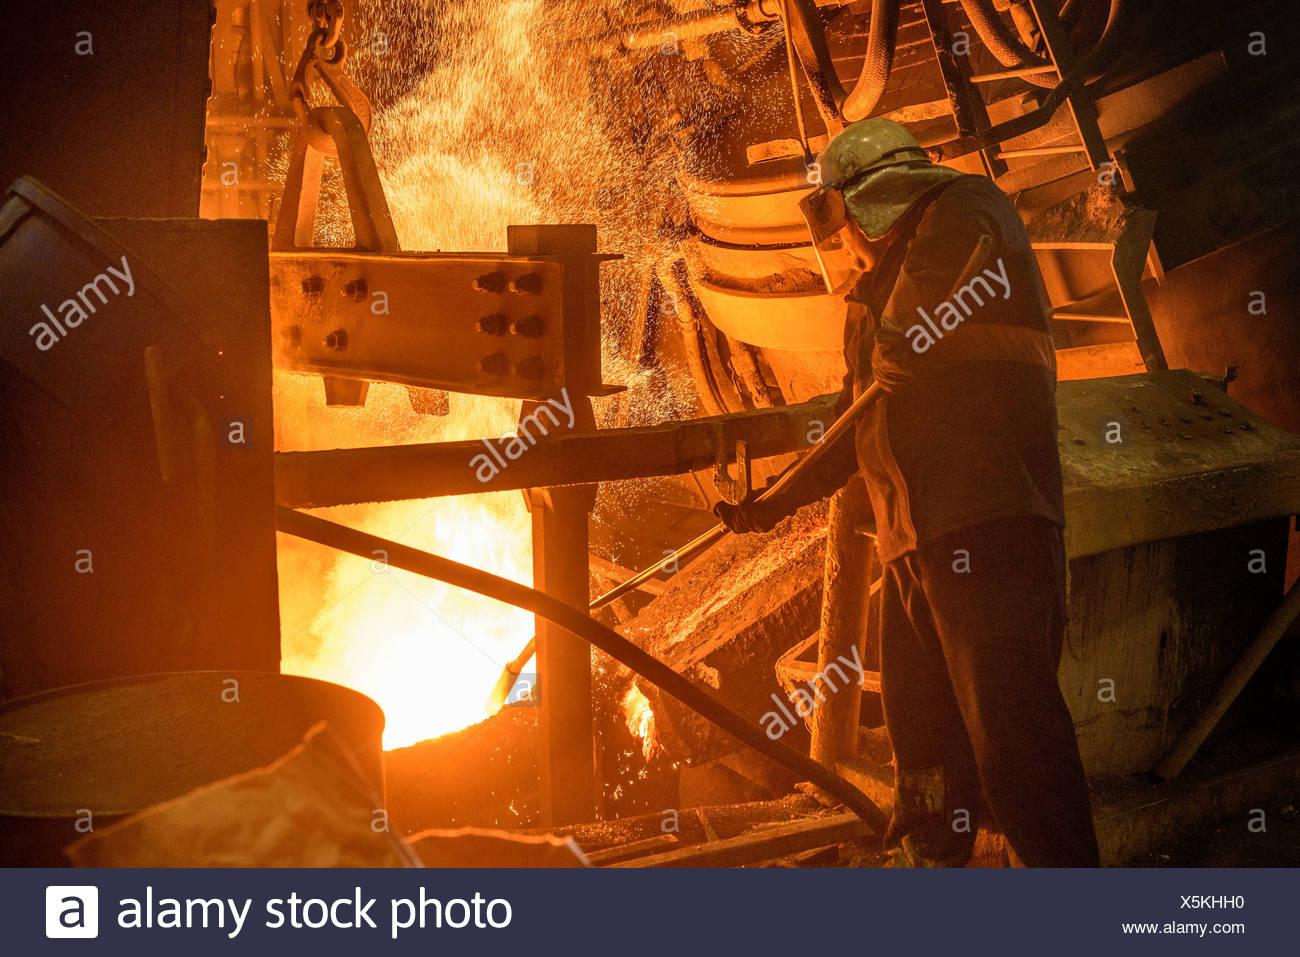 Lavoratore di acciaio guardando giù al forno in fonderia di acciaio Immagini Stock